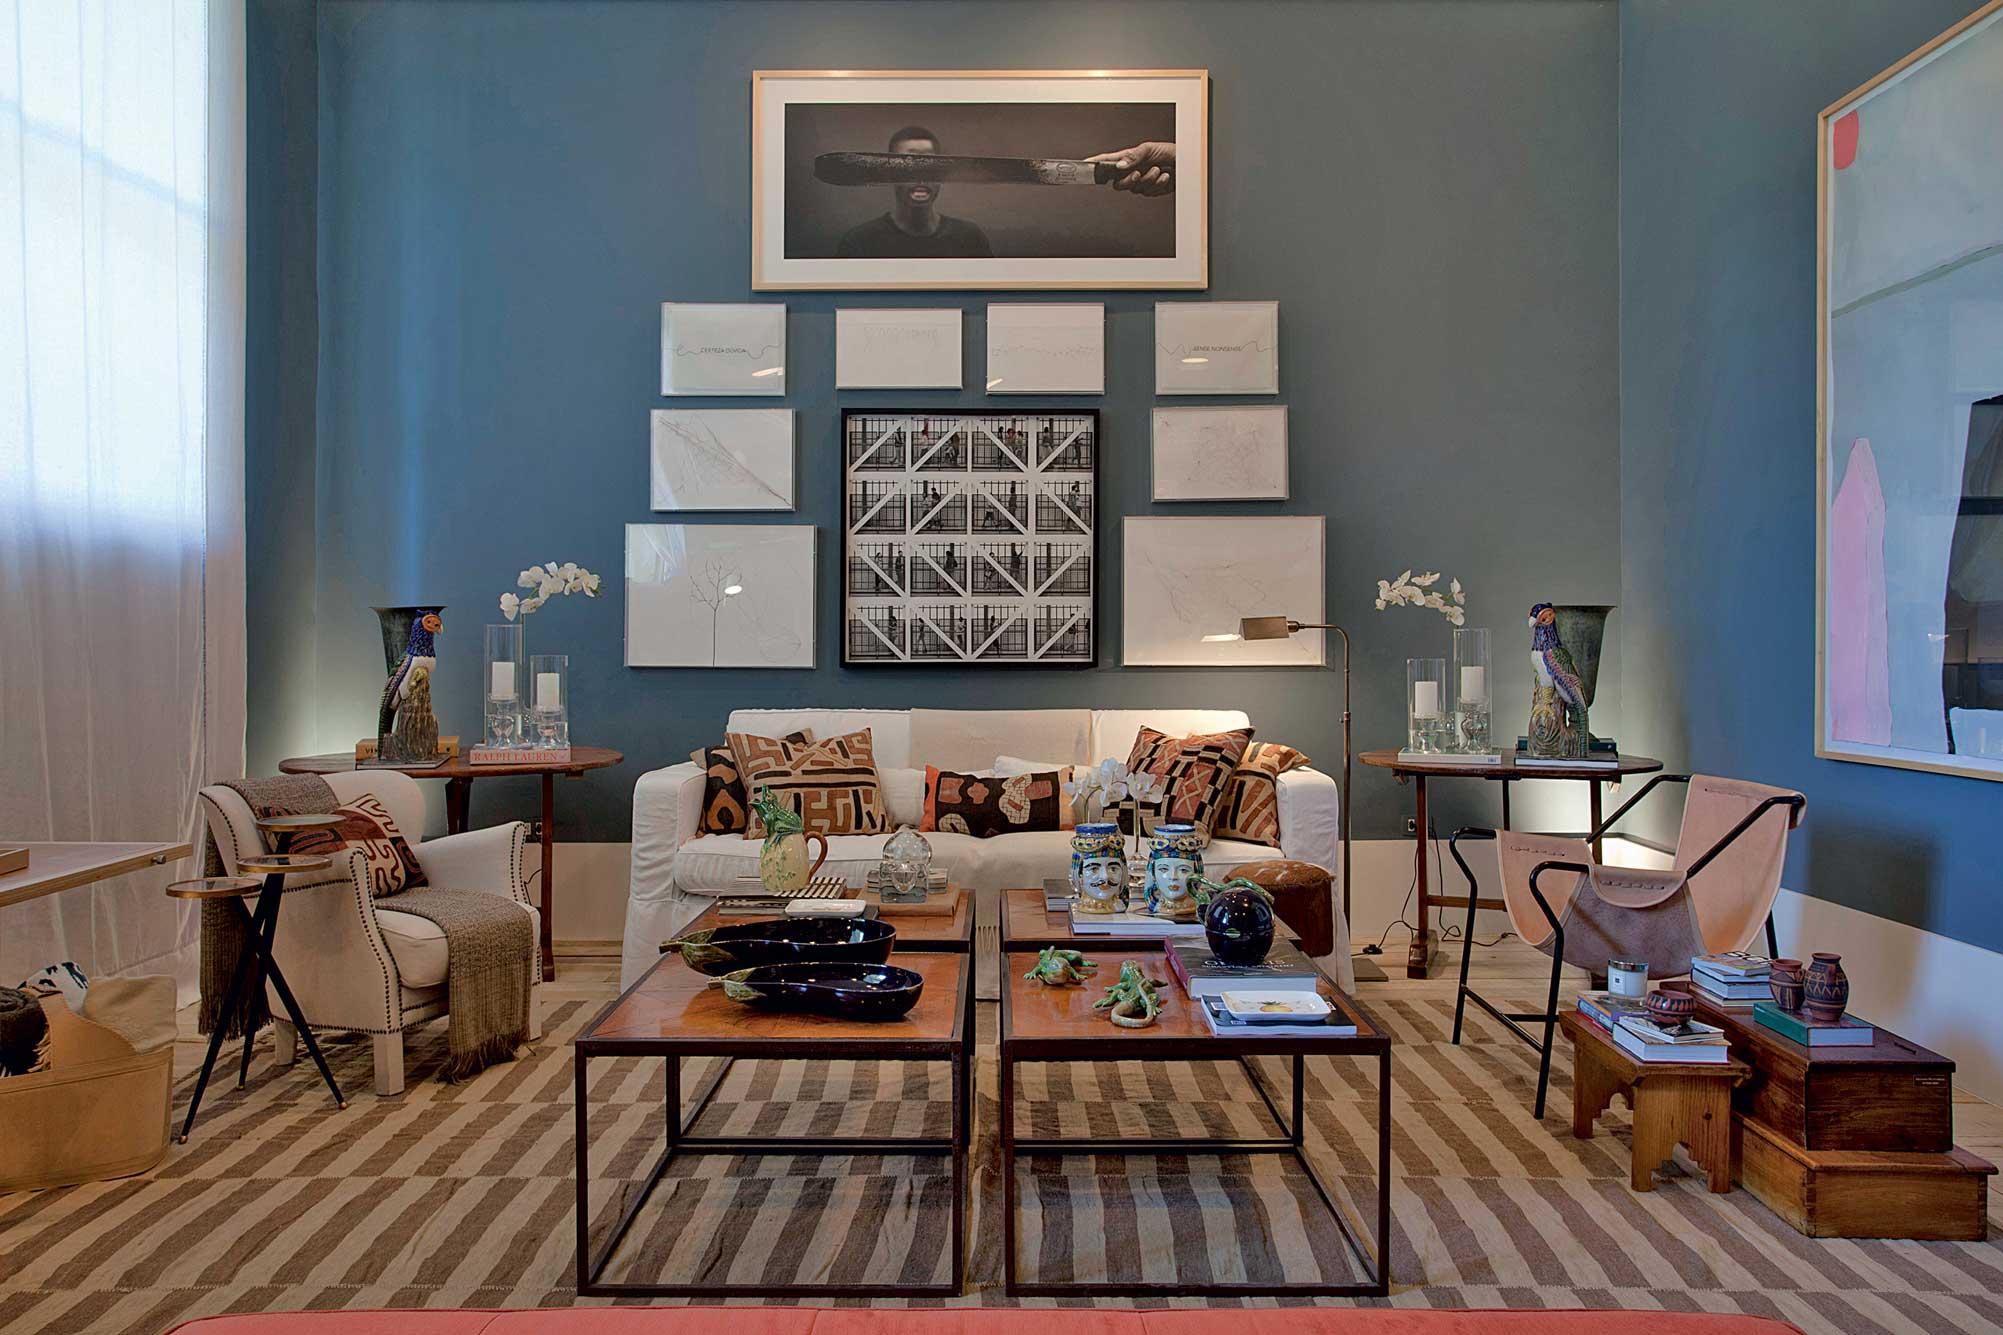 A sala que dispõe de mais espaço podem apostar em cores mais fortes